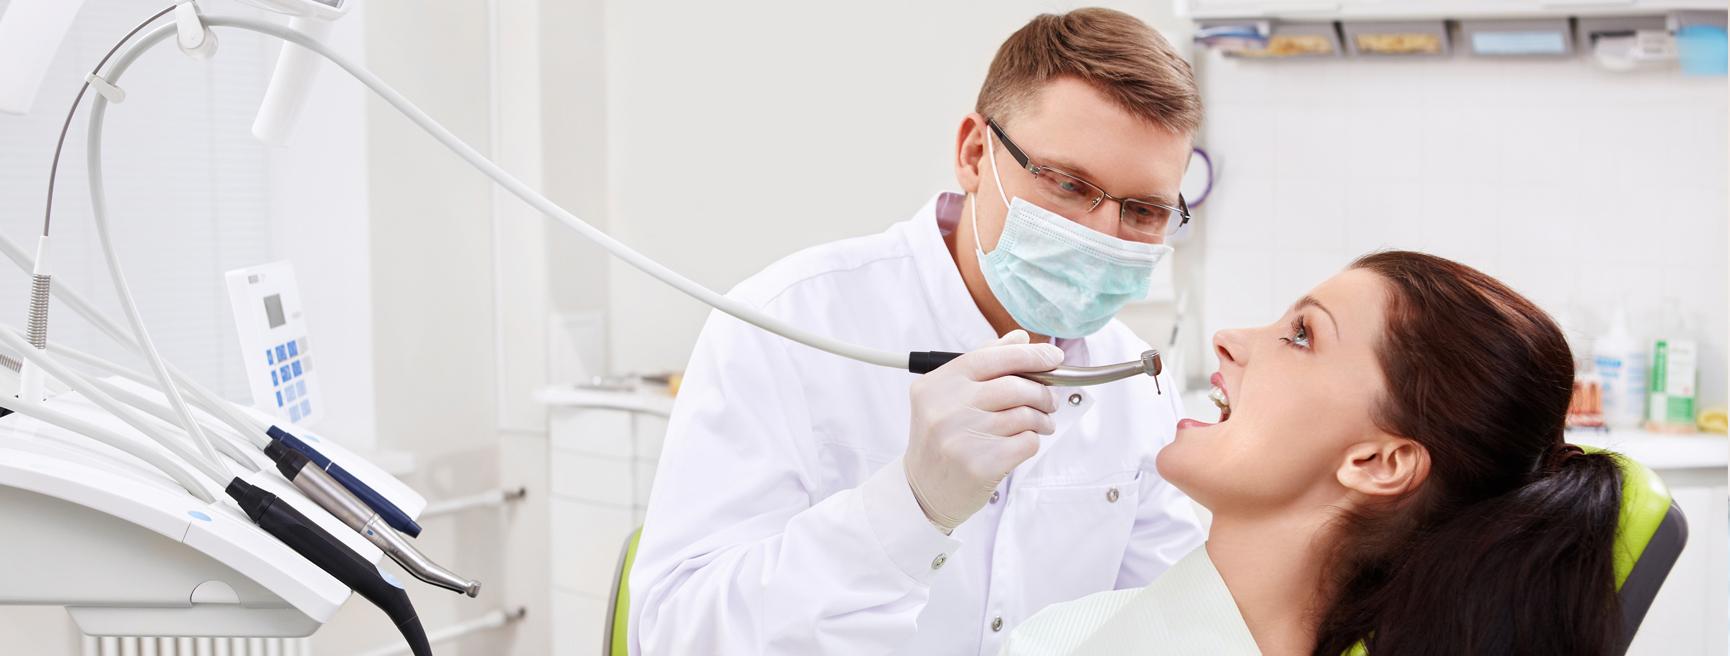 Лечение зубов при грудном вскармливании фото